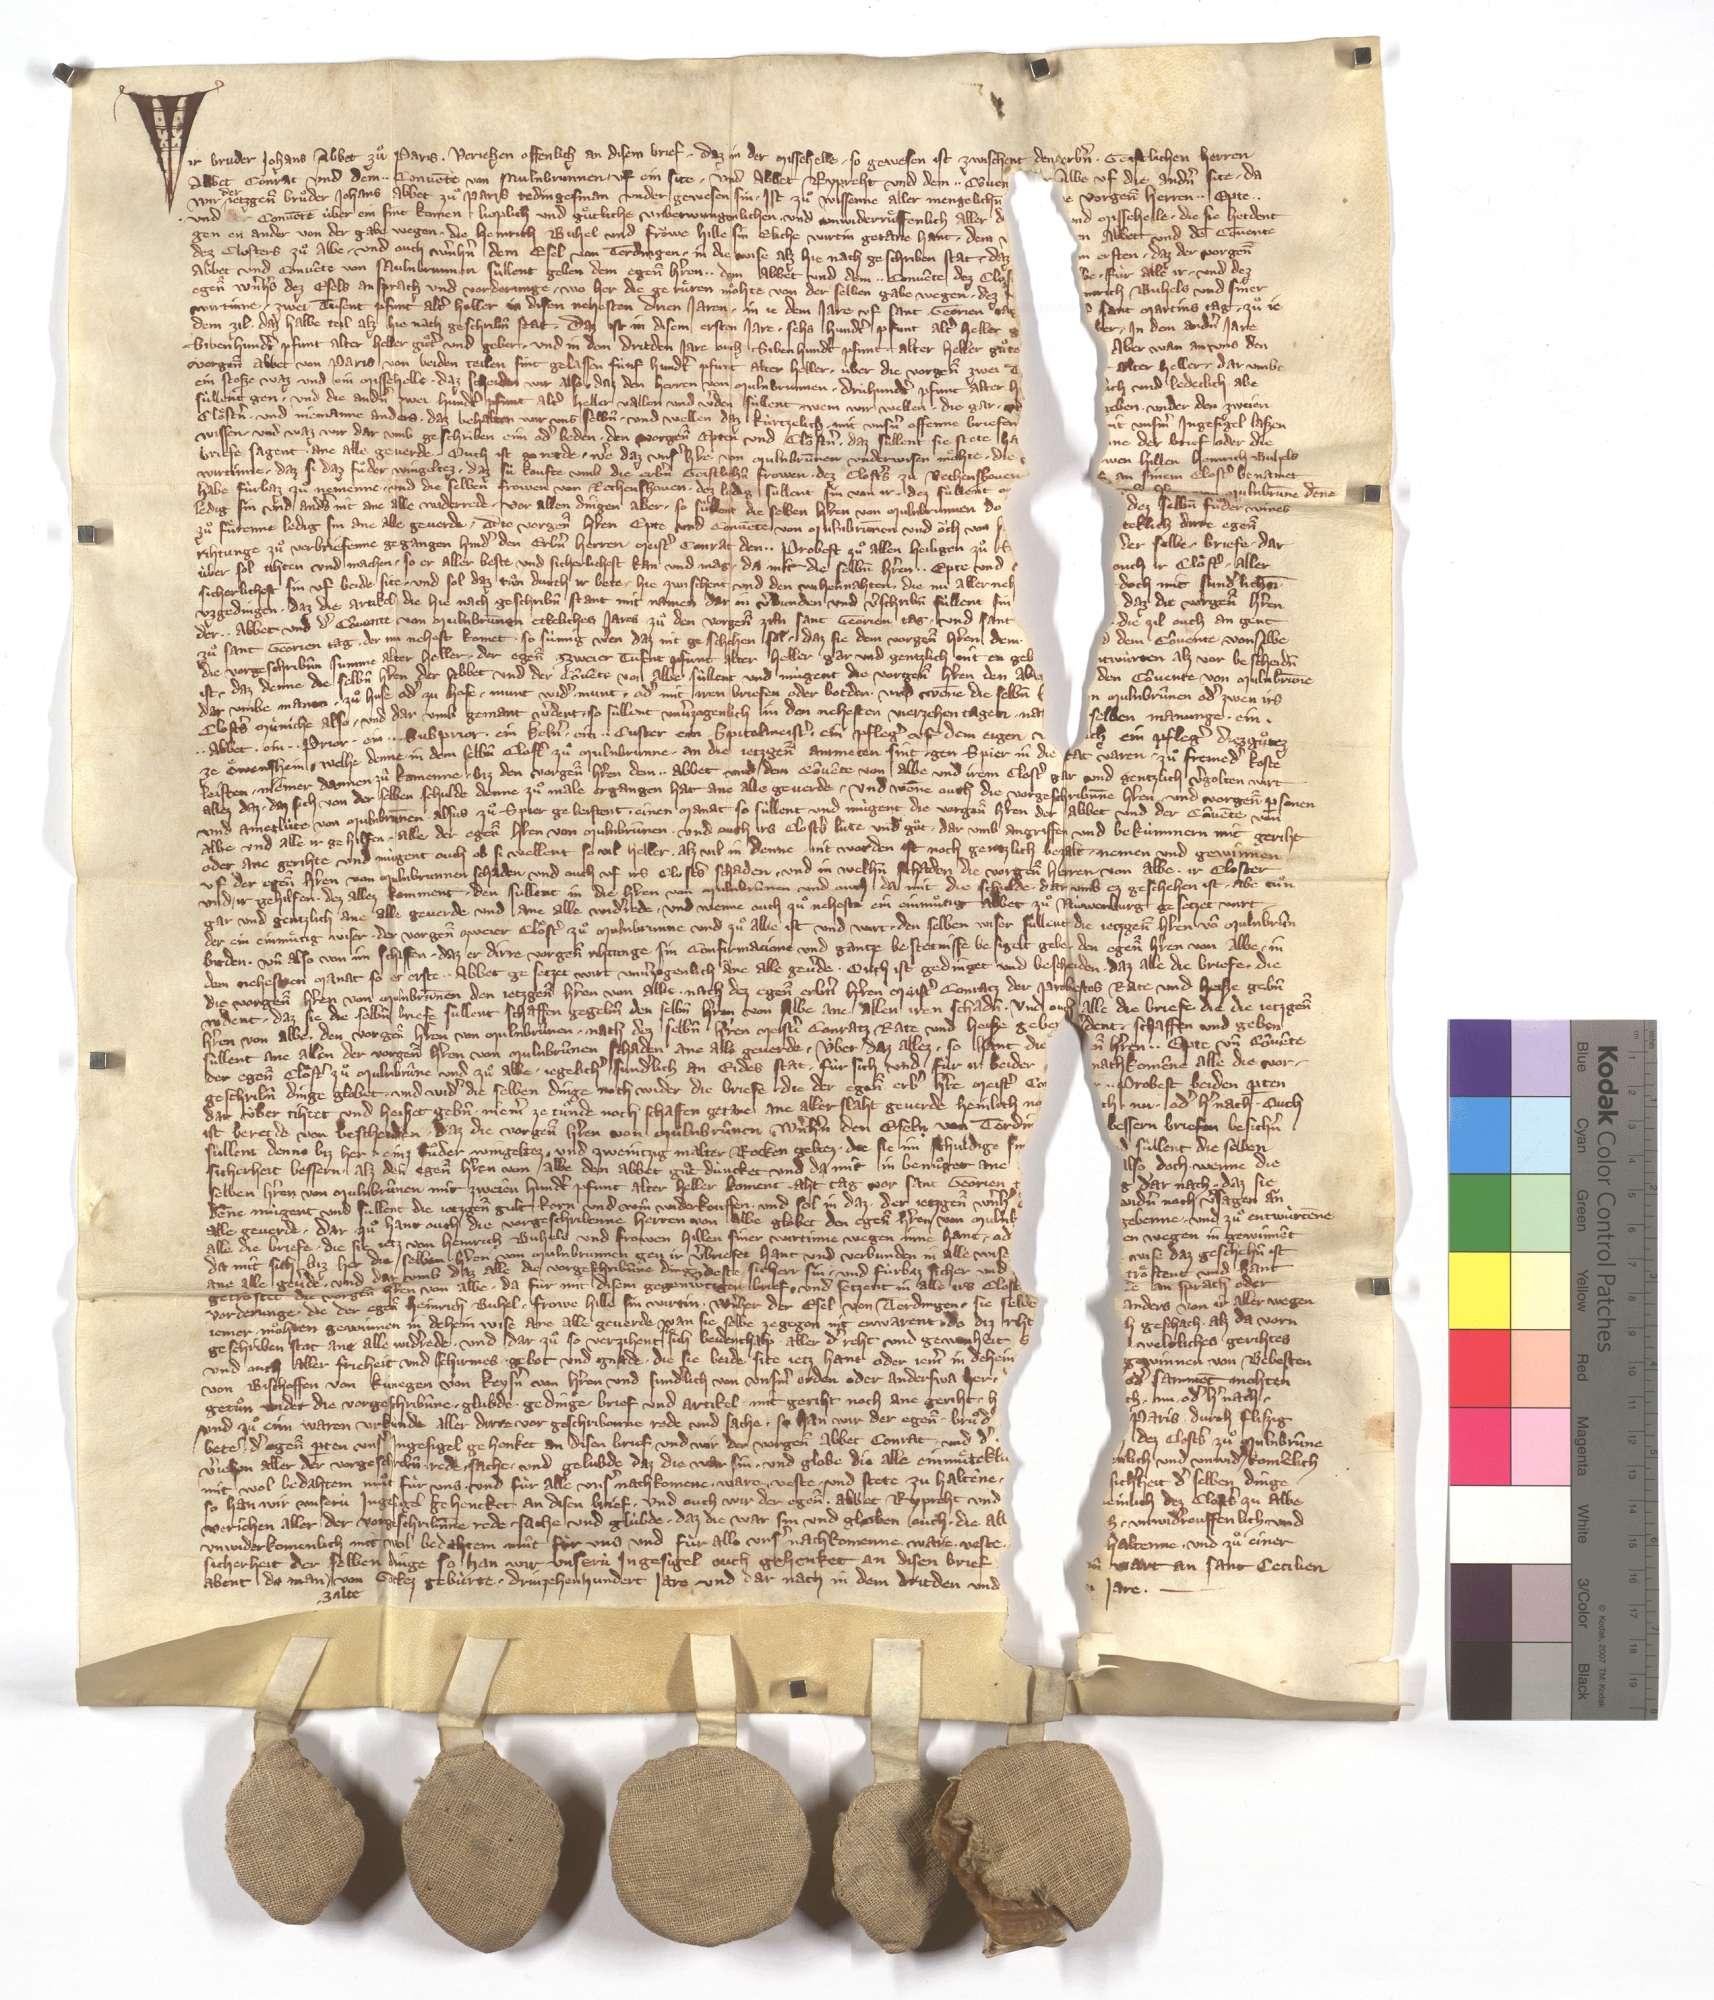 Fertigung des Abts Johann von Pairis zwischen den beiden Klöstern Maulbronn und Herrenalb wegen etlicher von Heinrich Bühel und seiner Frau dem Kloster Herrenalb vermachten Zinsen und Gülten., Text